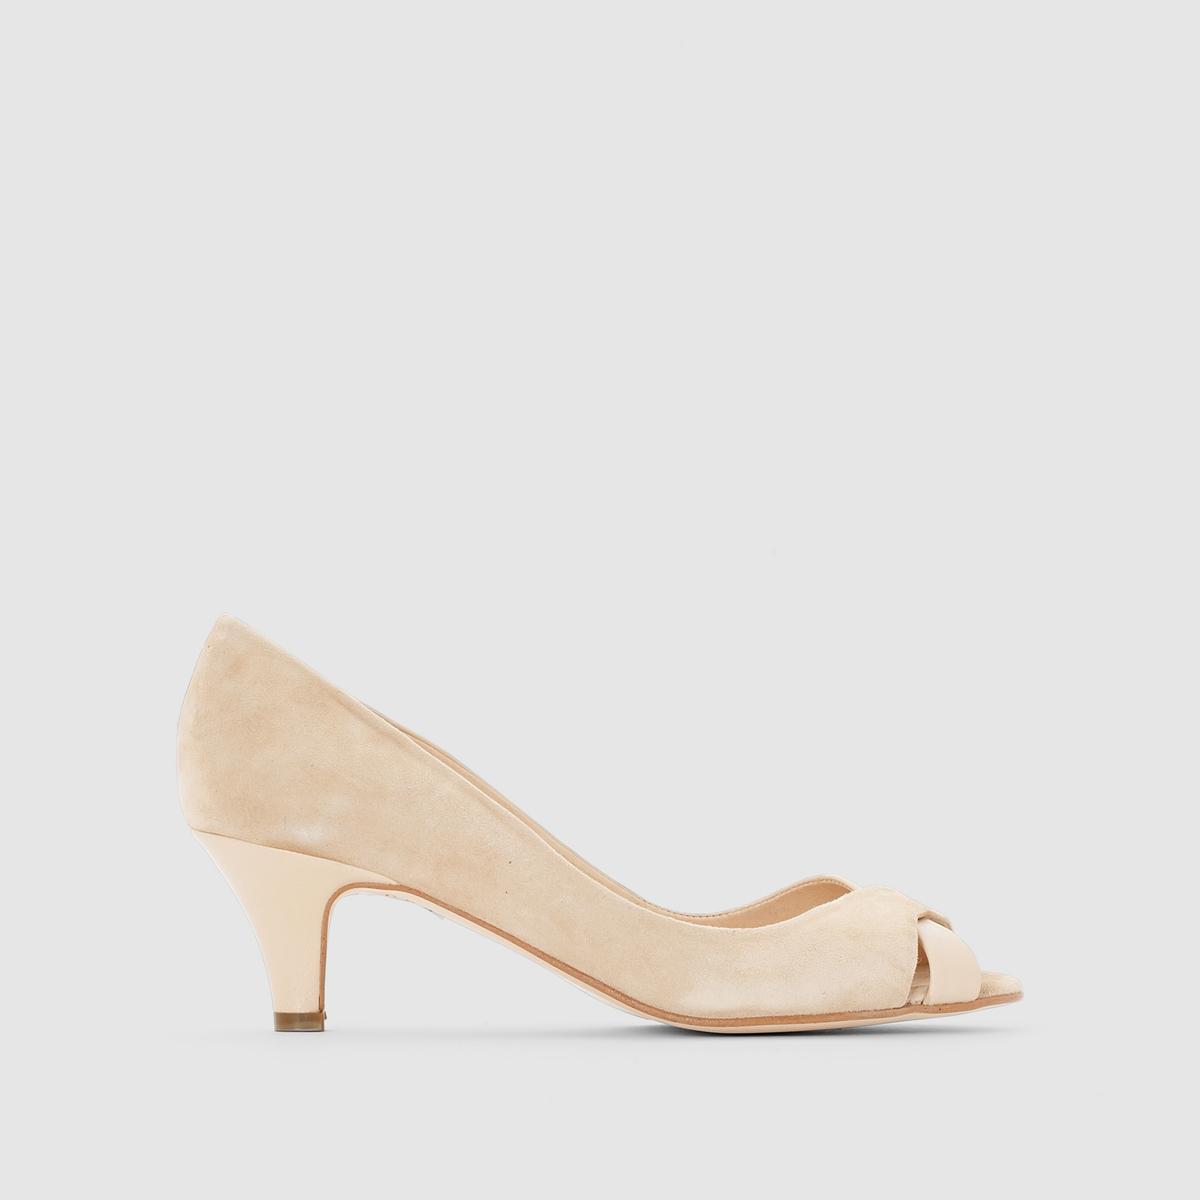 Туфли из двух материалов на каблукеПреимущества  : элегантный и шикарные туфли на каблуке JONAK из двух материалов: блестящего и под замшу в тон.<br><br>Цвет: бежевый,черный<br>Размер: 39.37.36.39